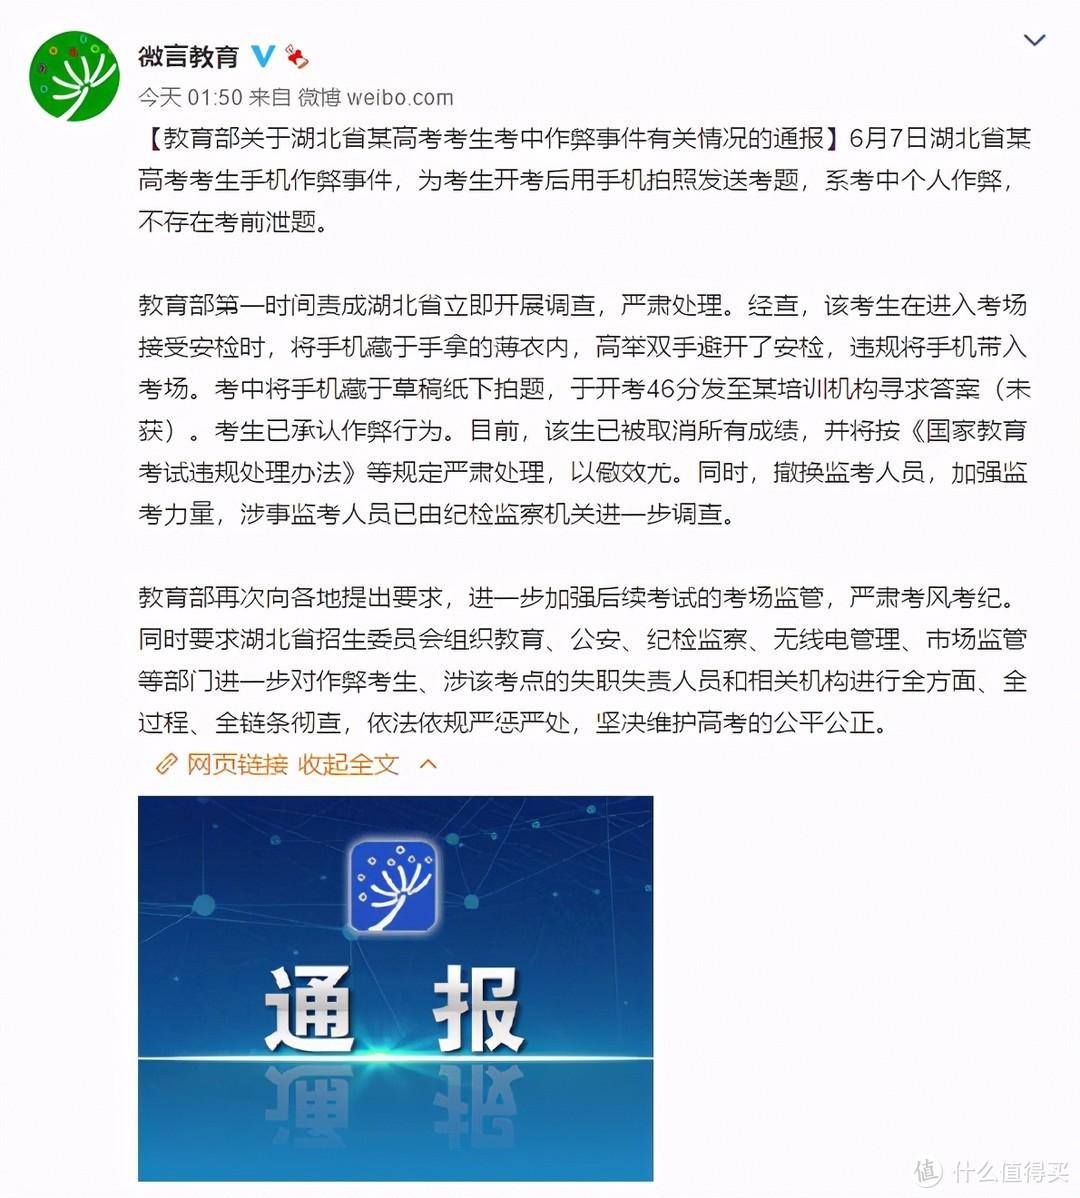 宝马X3中期改款官宣;教育部通报湖北高考生作弊情况